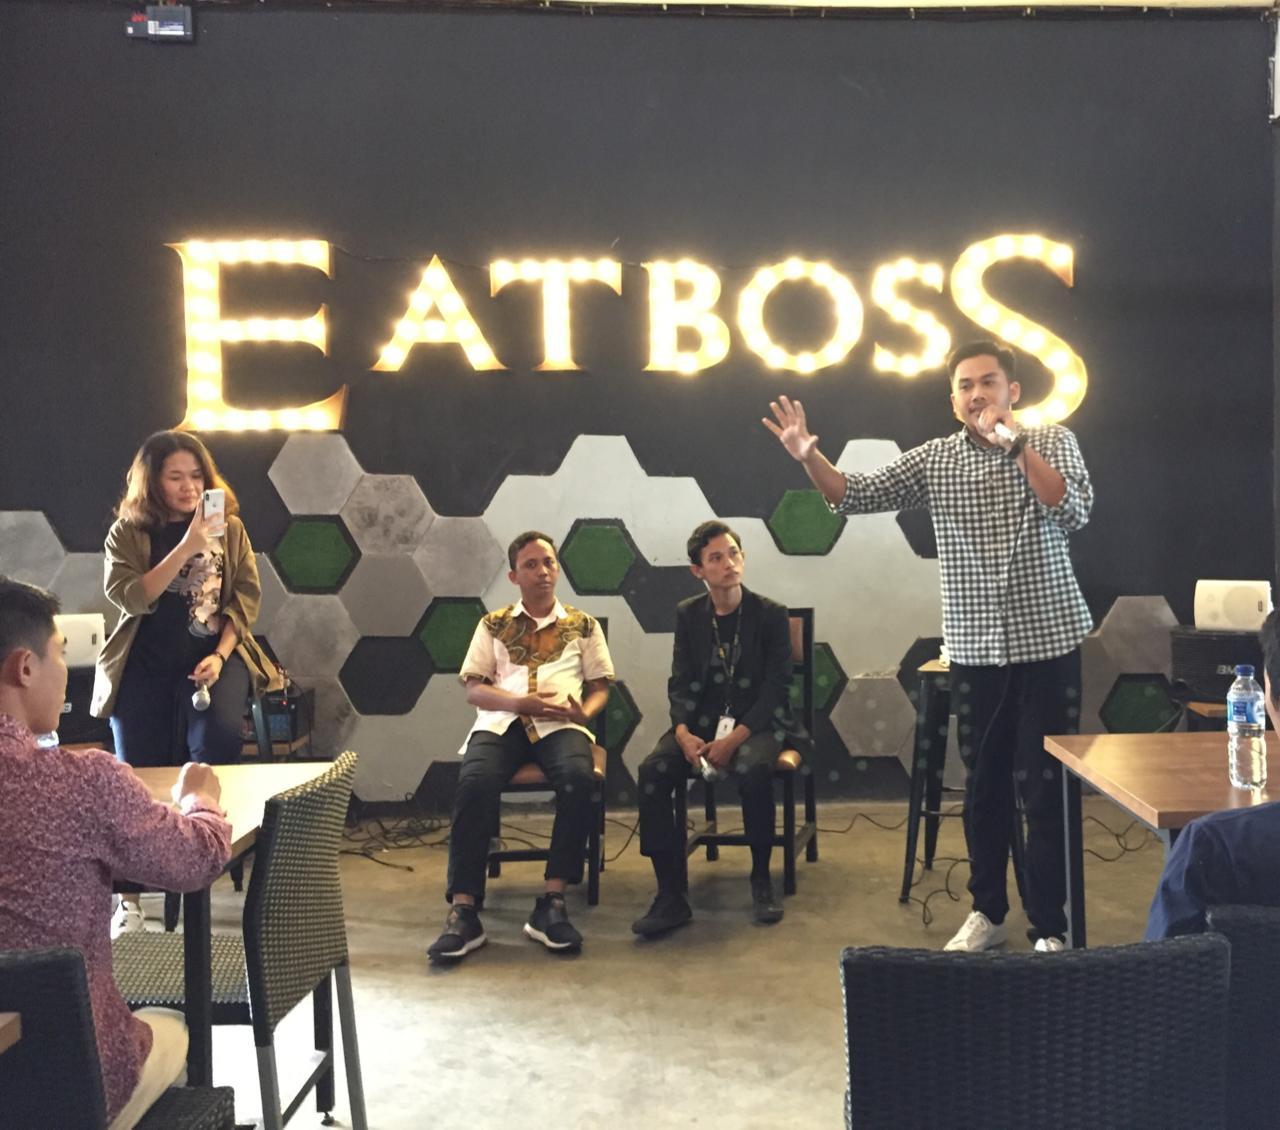 Sharing muda Kalimantan Selatan Sessions 'Future Leader's Talk' bersama staf muda Kantor Staf Presiden di kafe Eatboss, Banjarmasin